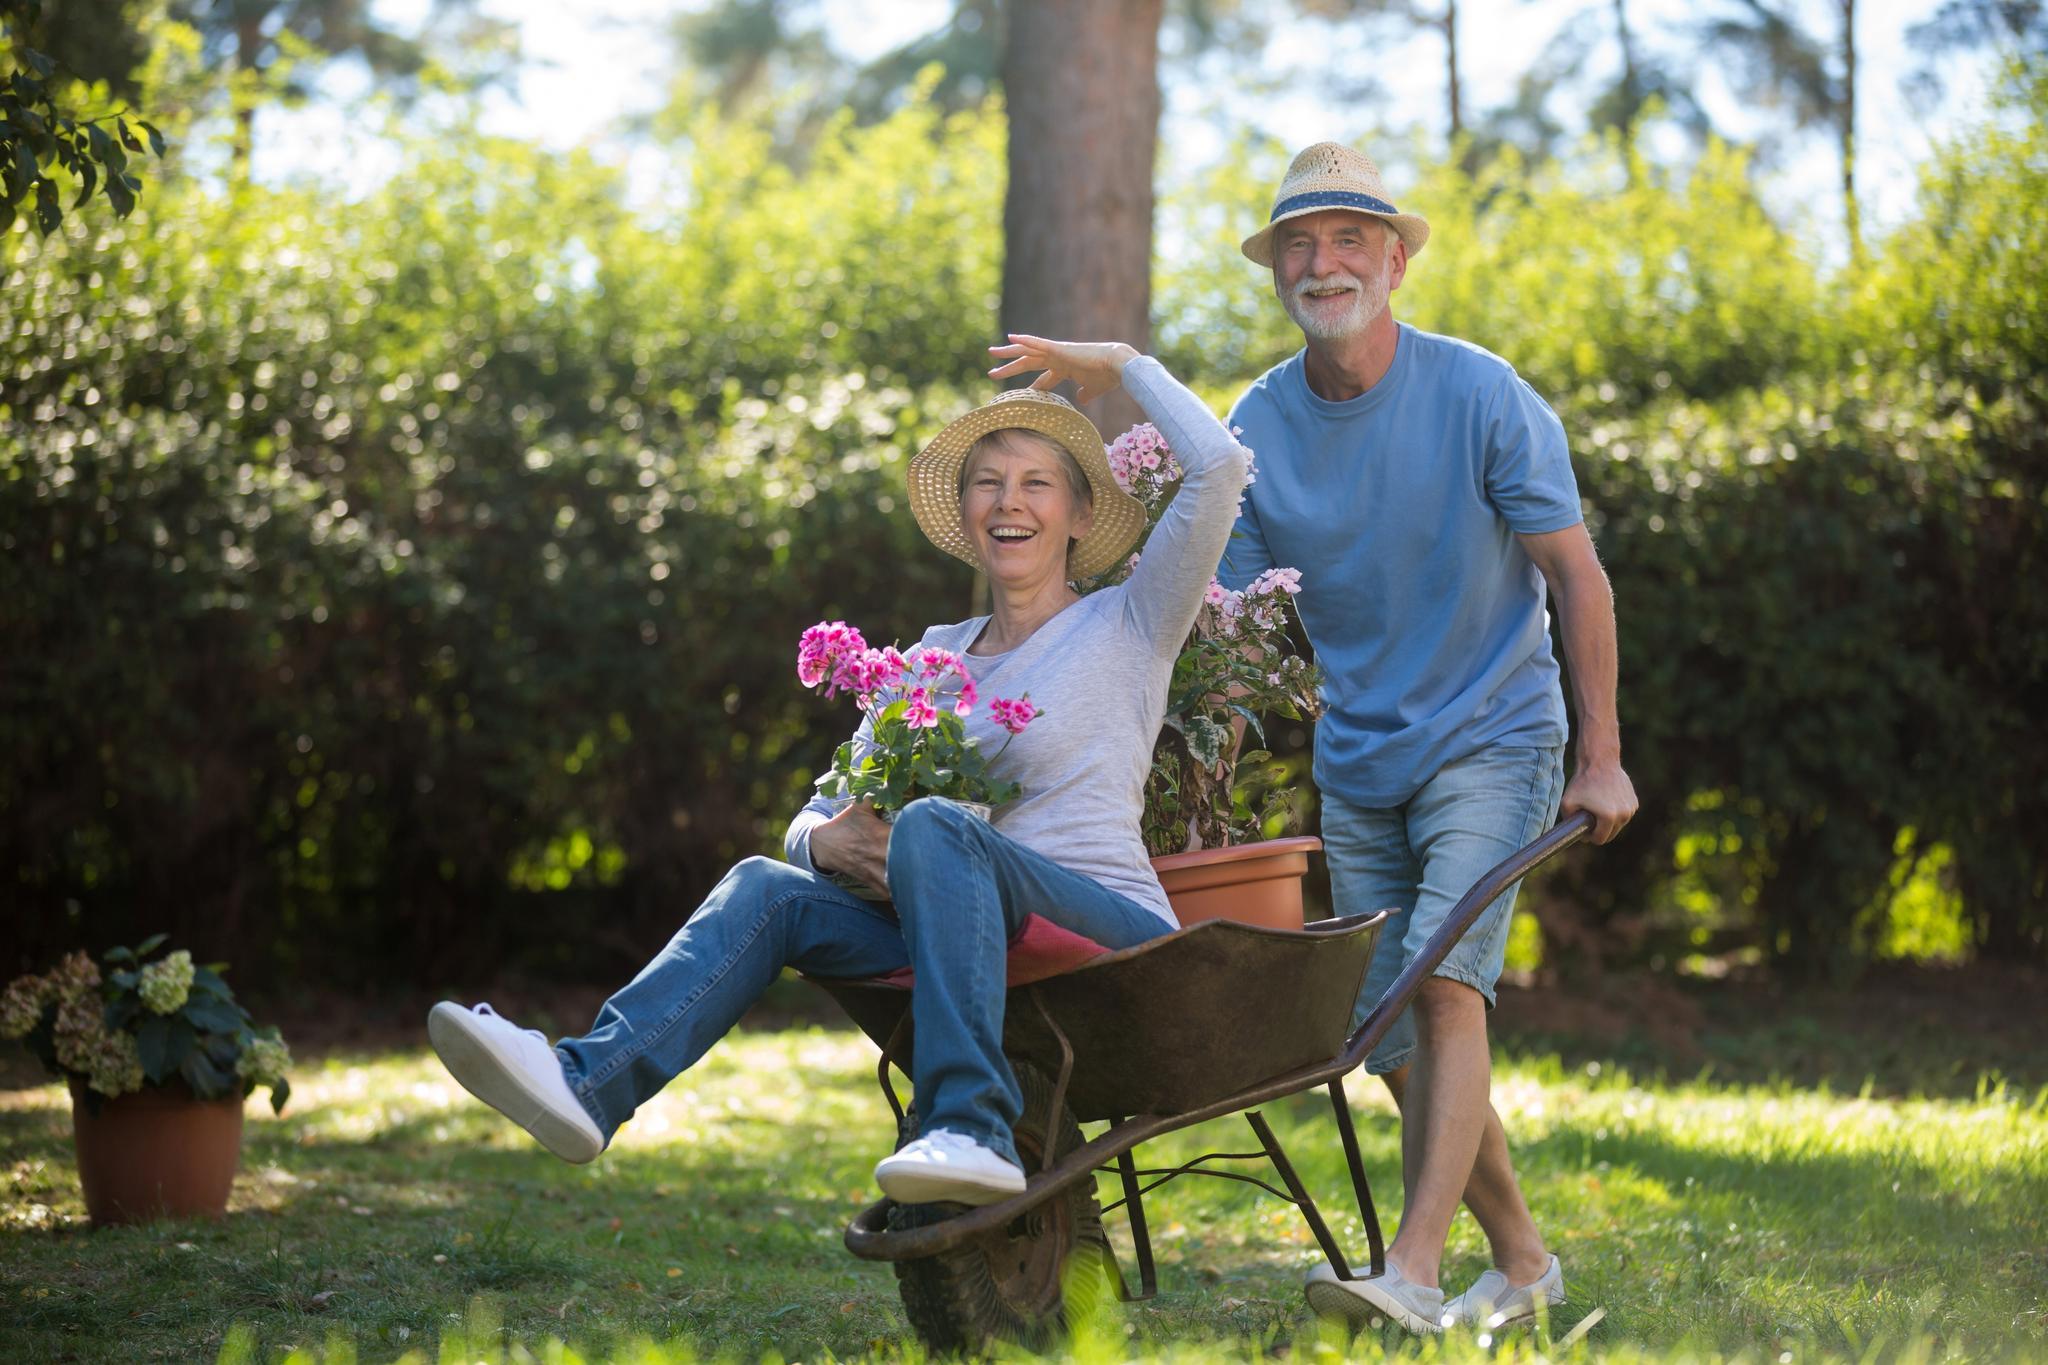 Lachende Frau wird von einem Mann in einer Schubkarre durch den Garten geschoben